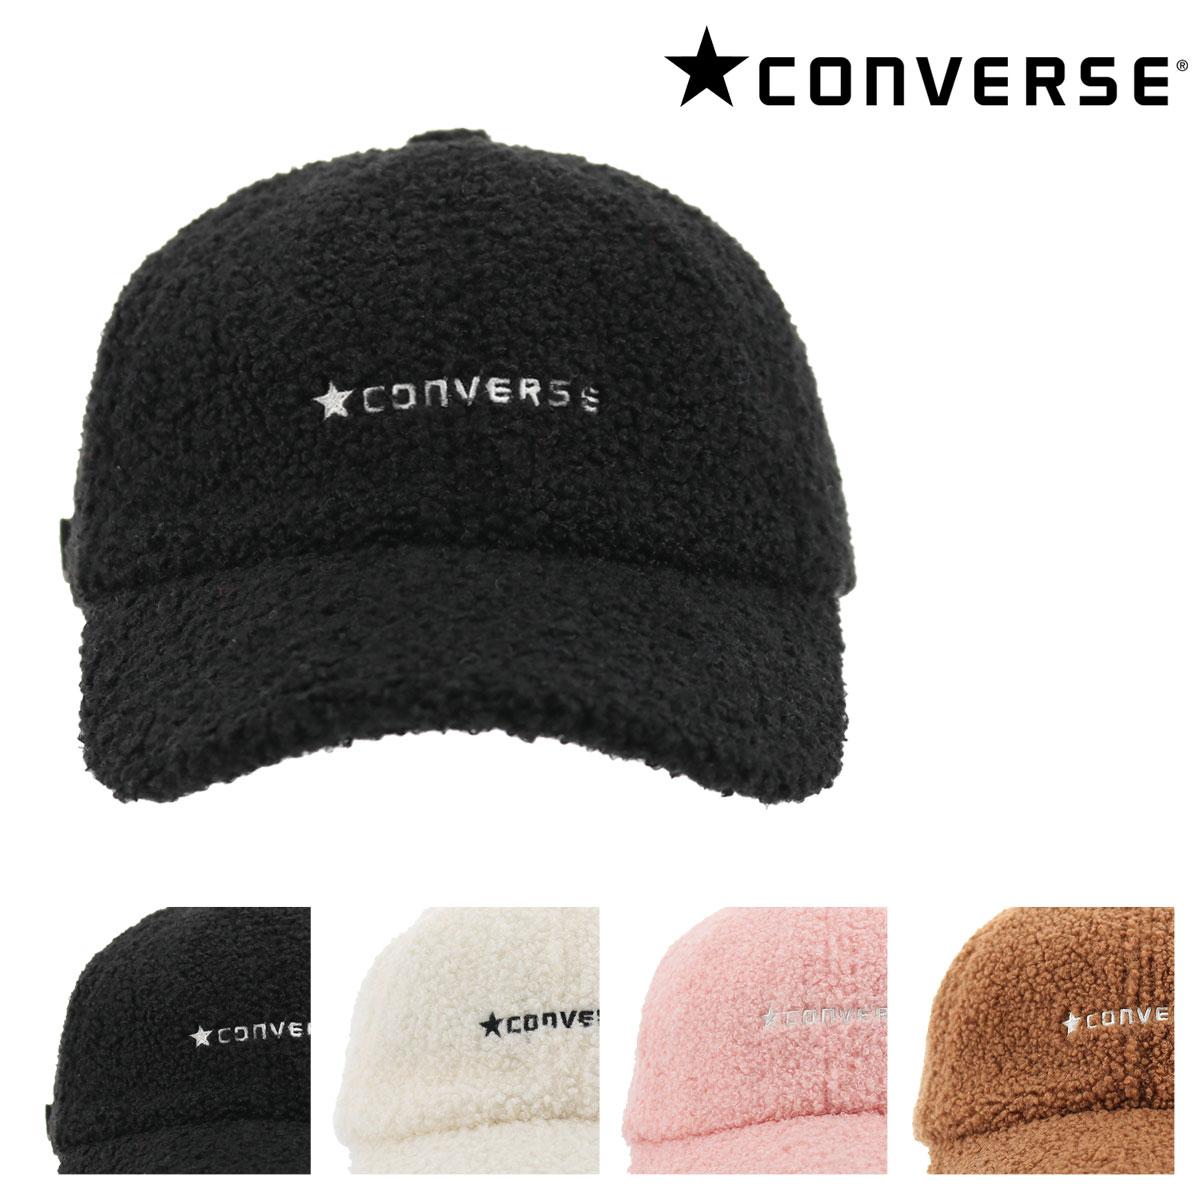 コンバース キャップ ボア レディース 188312801 CONVERSE | 帽子 ローキャップ サイズ調節可能 [bef][即日発送]